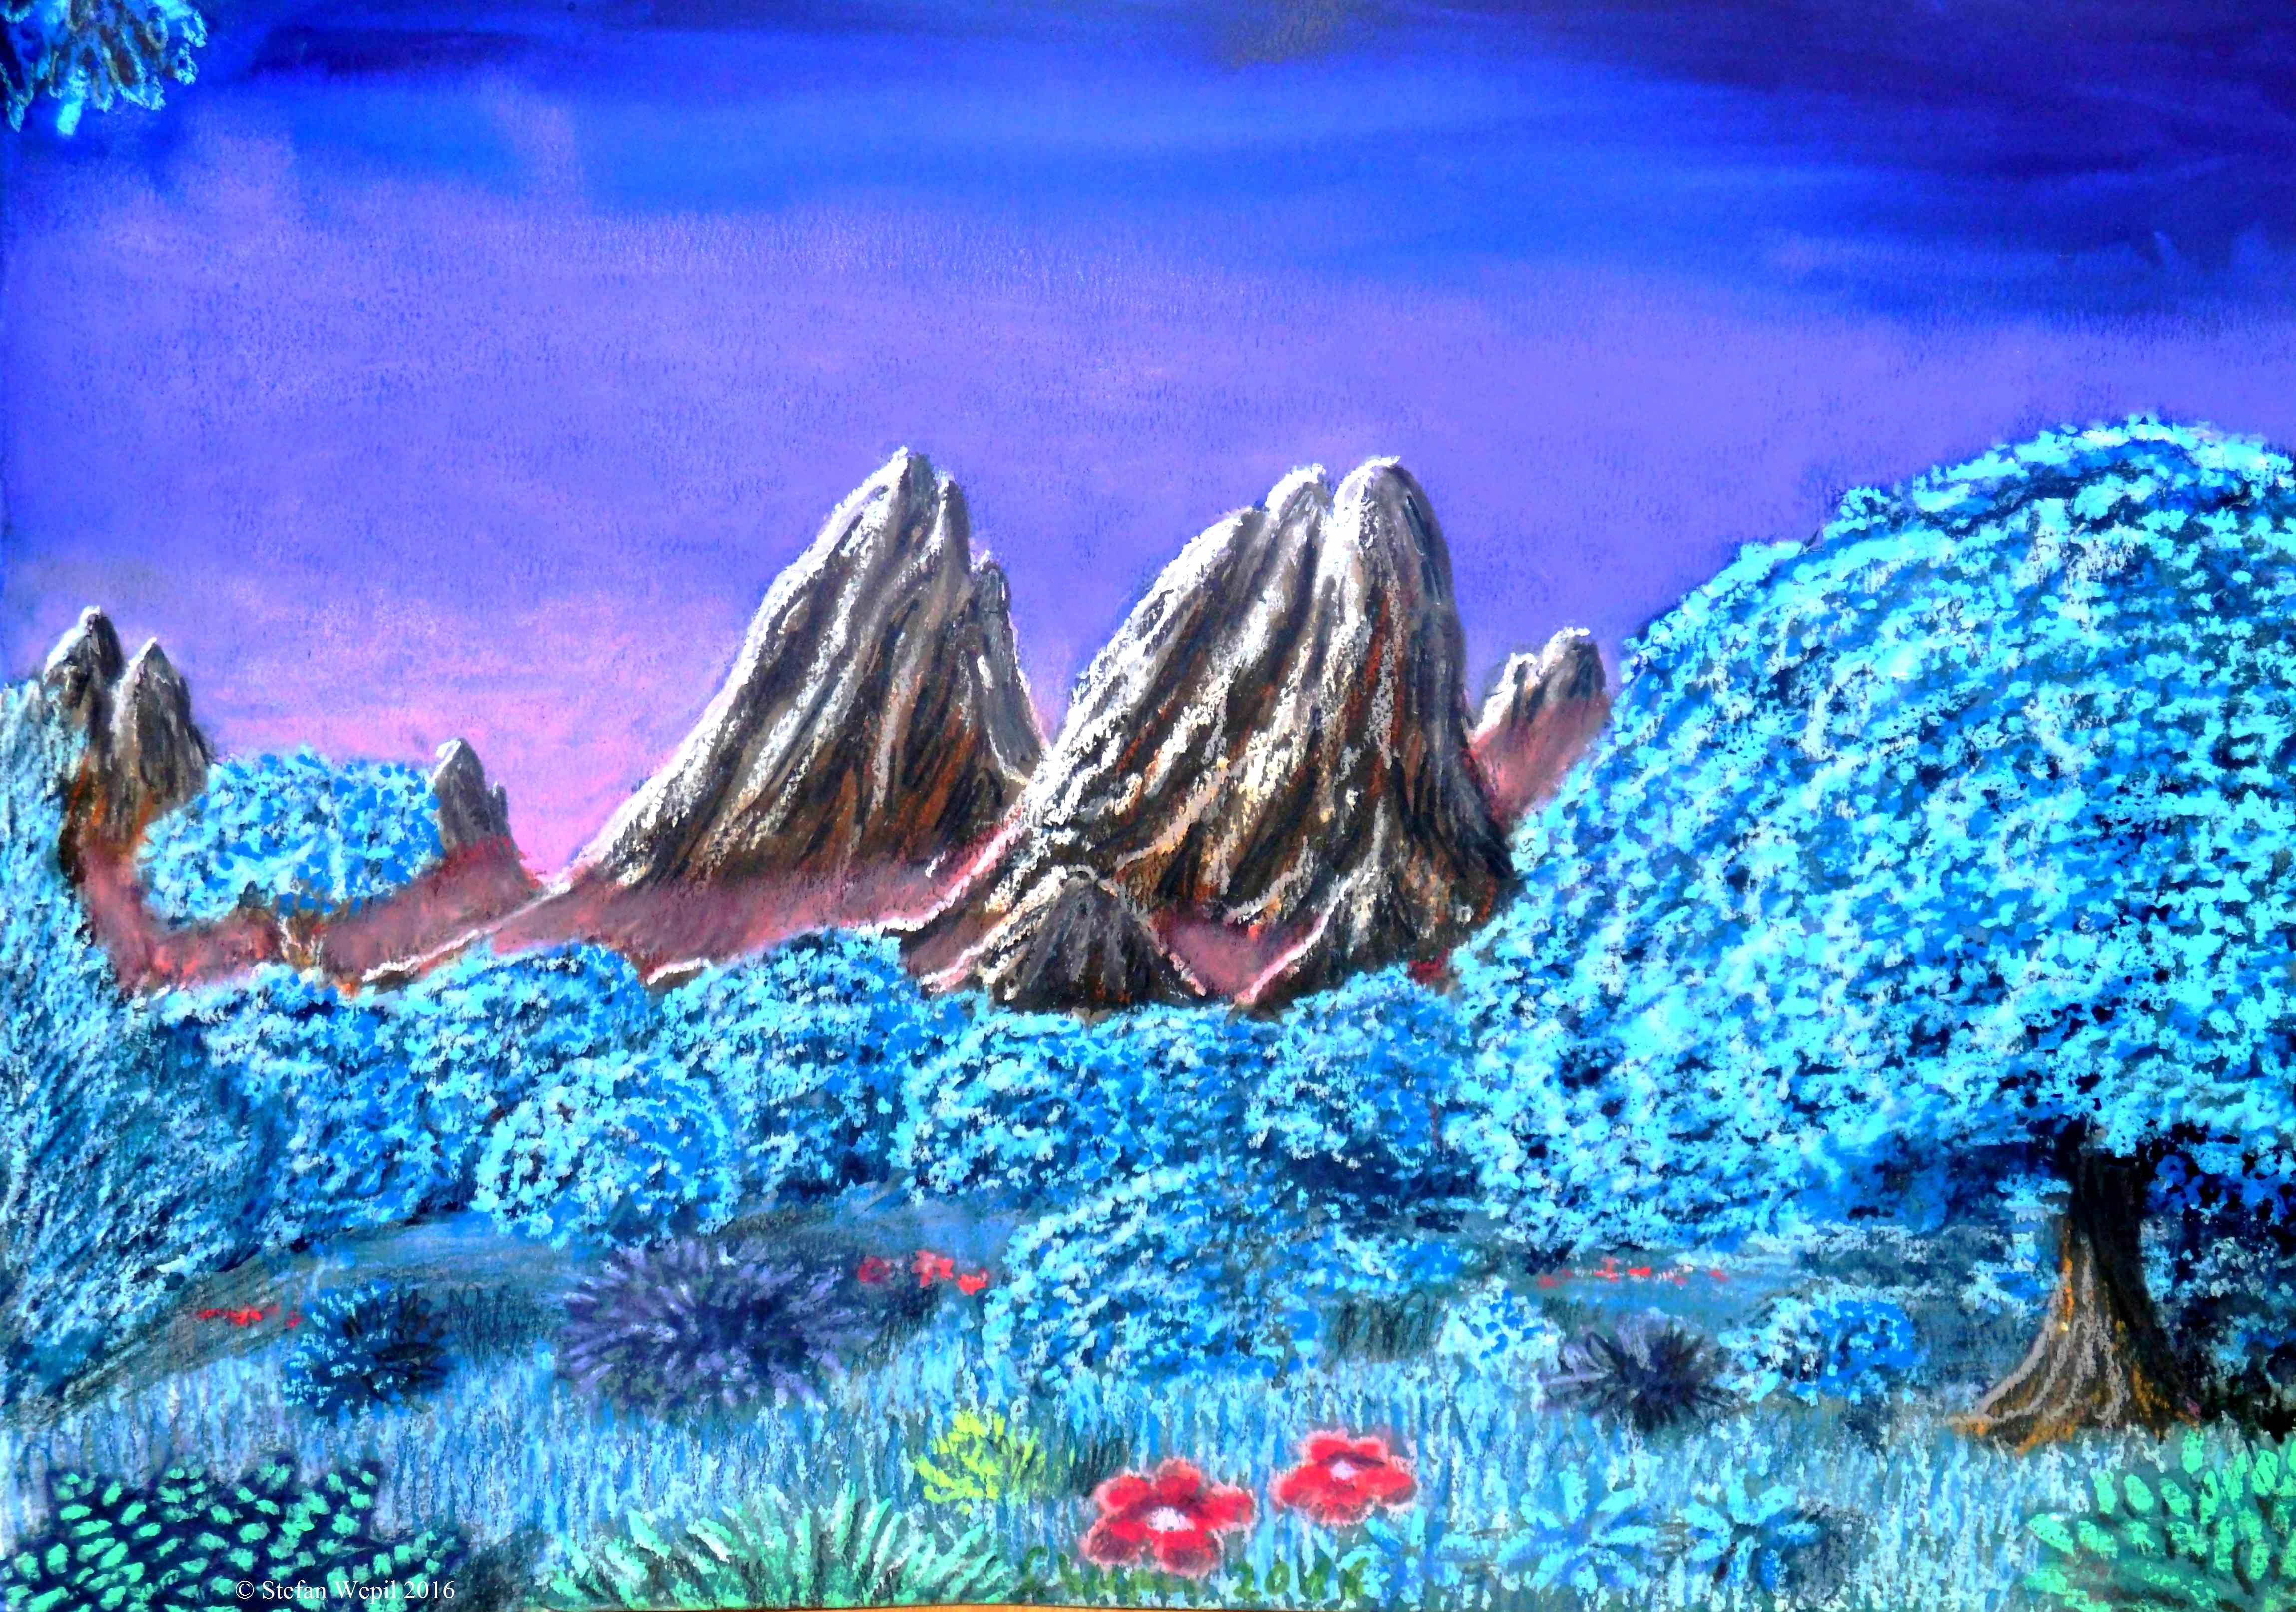 Landschaftsbild von Jerrat (C) Stefan Wepil